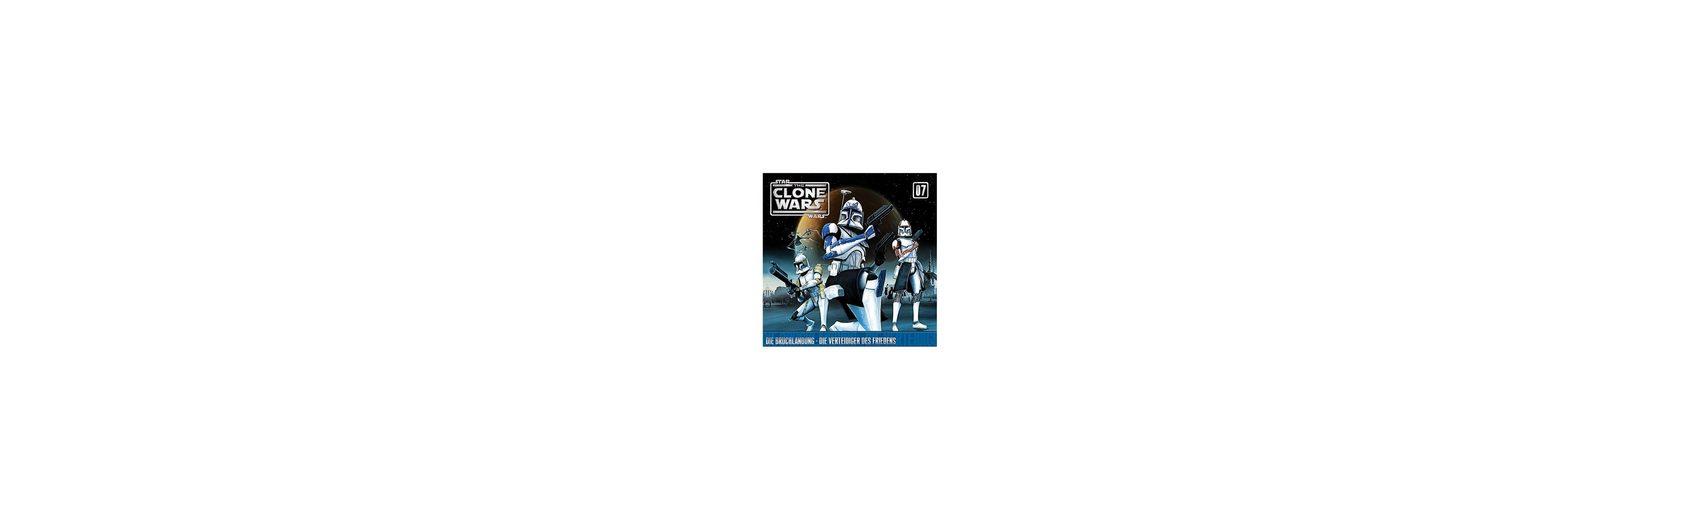 Universal Music GmbH CD Star Wars - The Clone Wars 07 - Die Bruchlandung/Die Vert